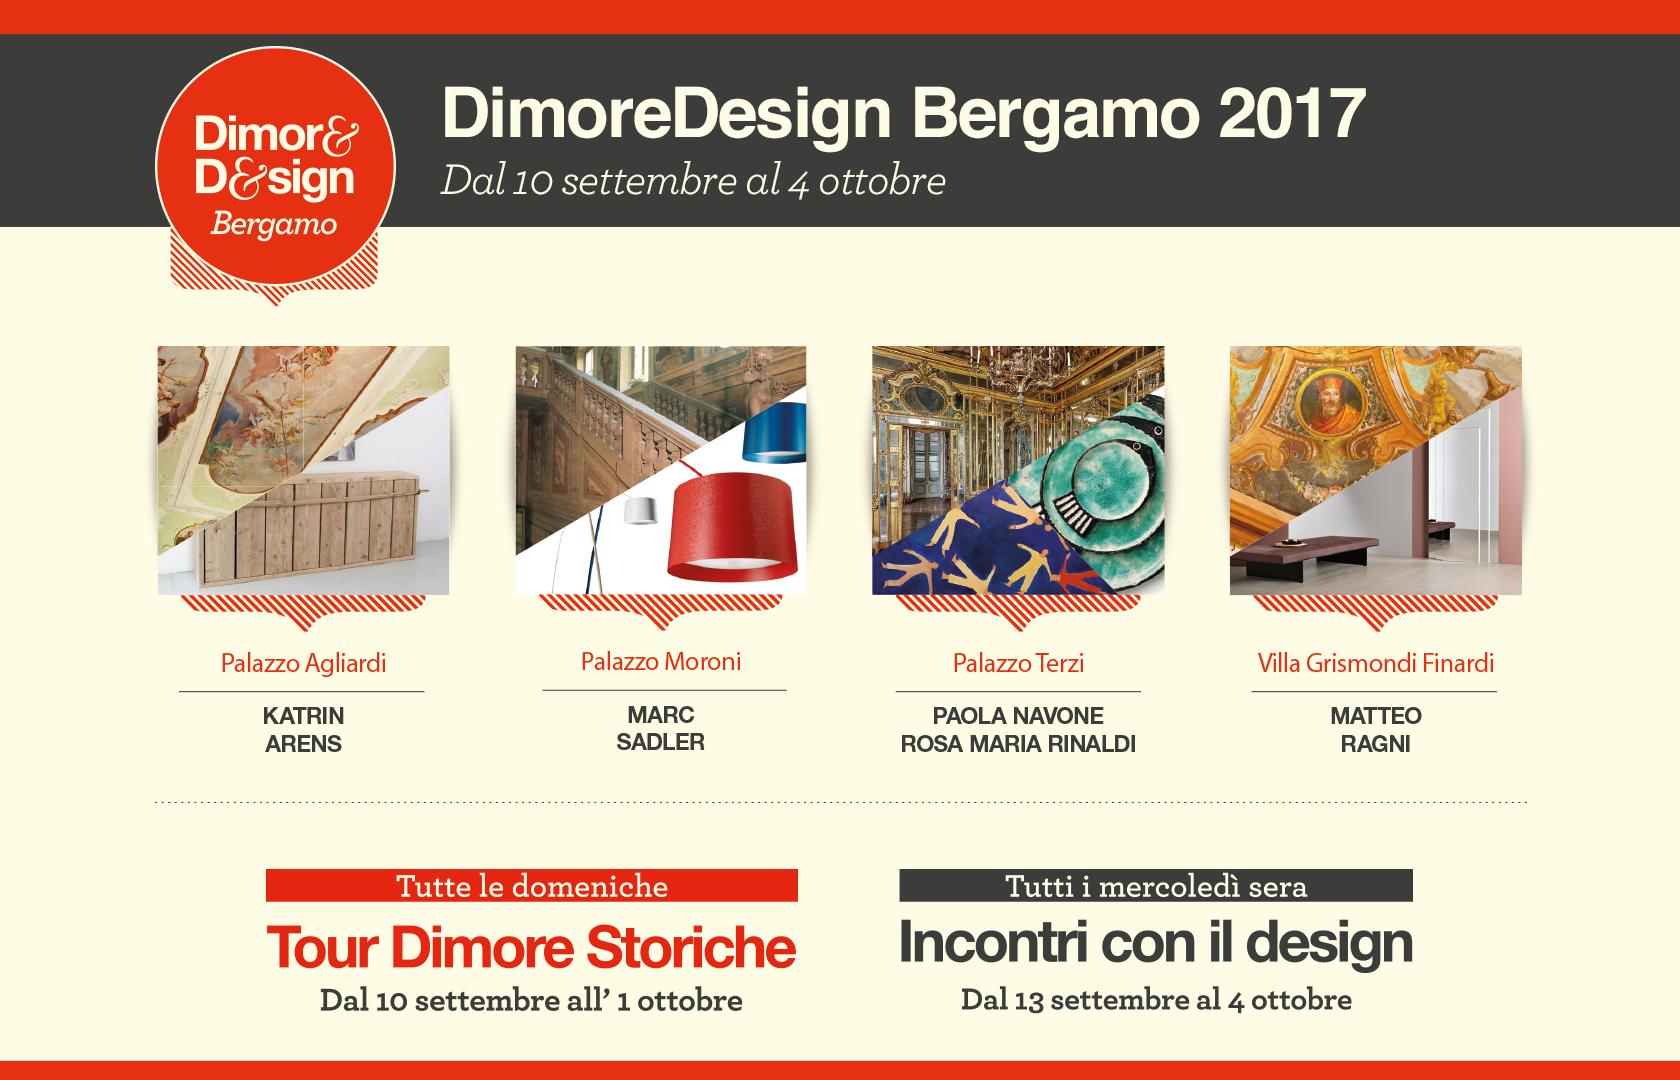 Dimore 2017